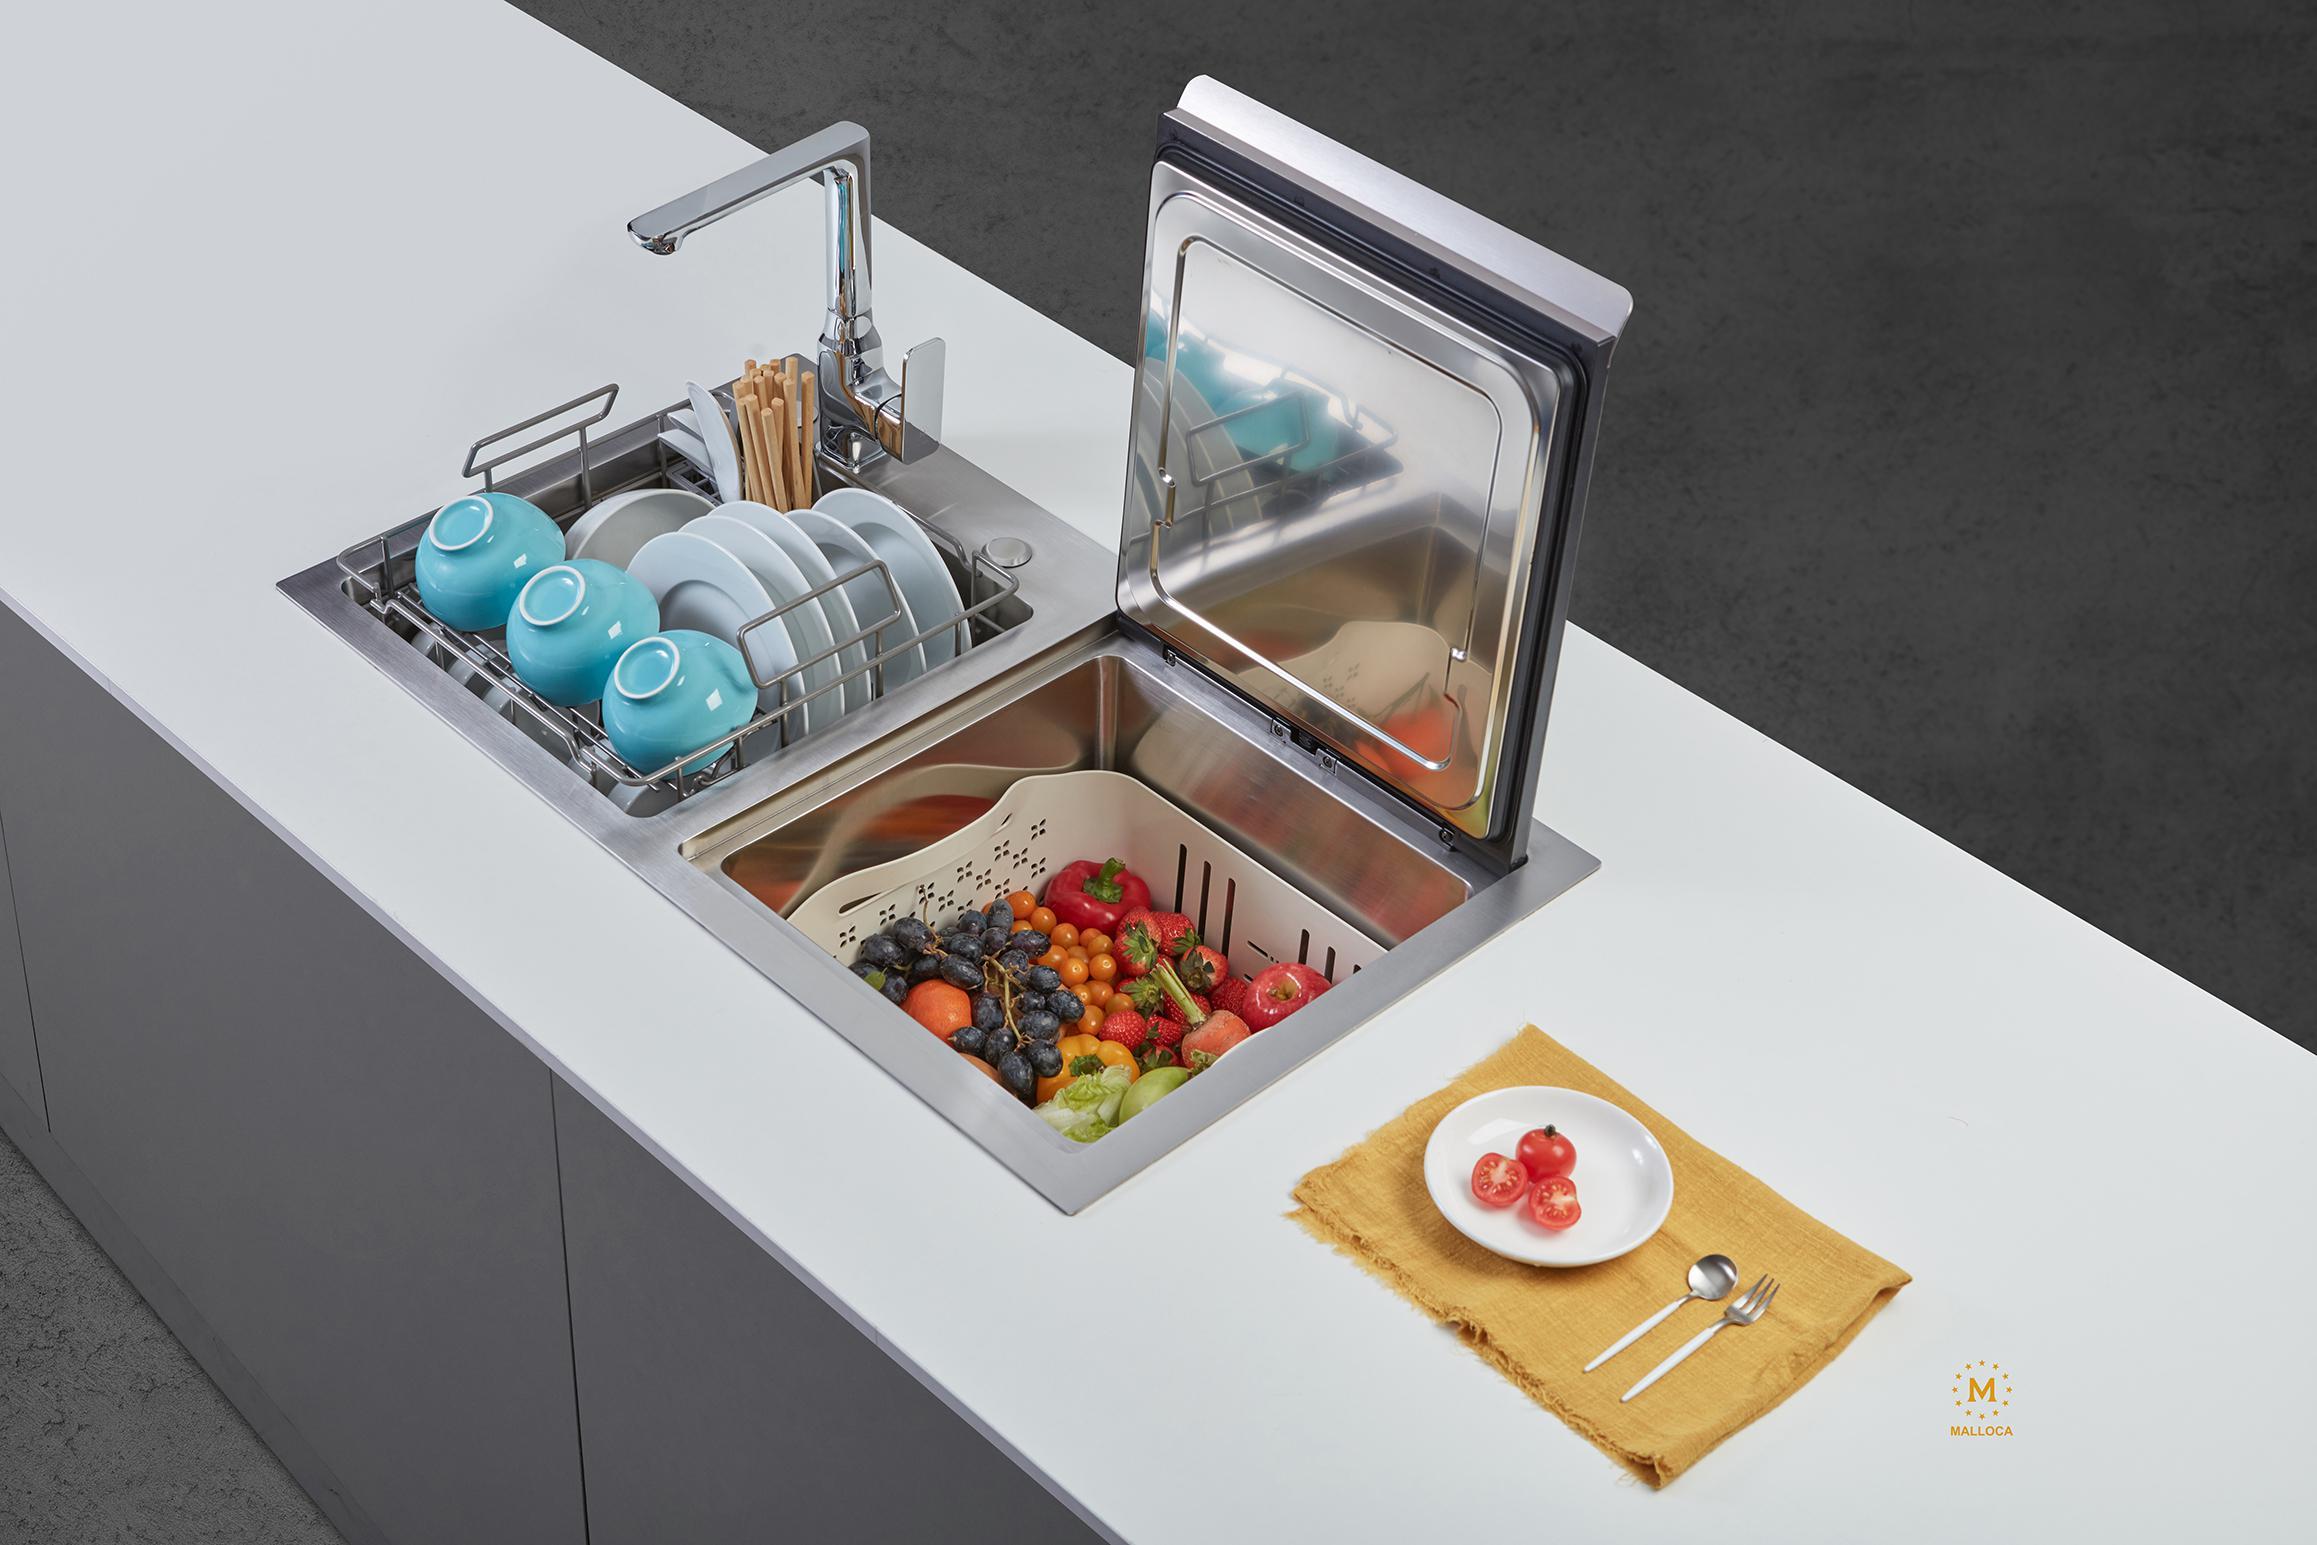 Xu hướng các thiết bị nhà bếp tích hợp trong thiết bị nhà bếp